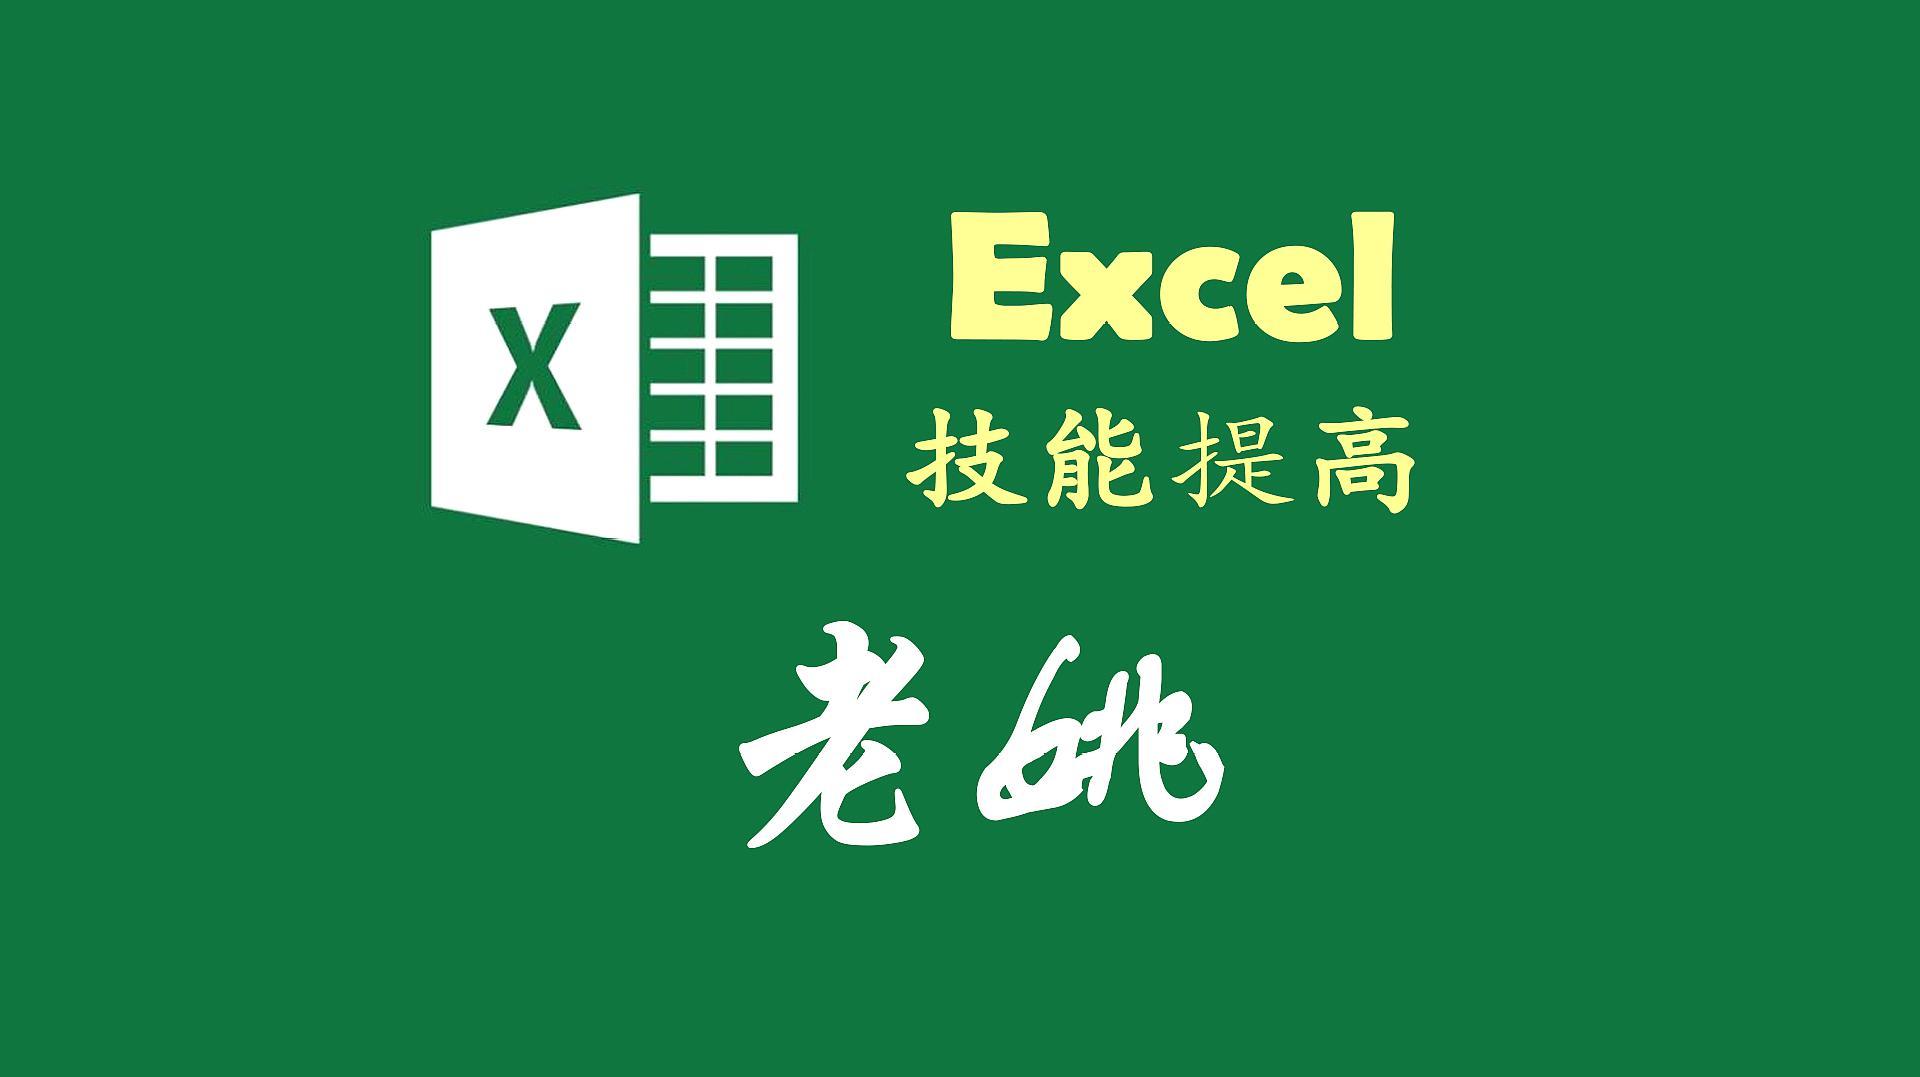 办公技巧 Excel技巧分享 赶紧学起来吧 离升职加薪就差这一步了